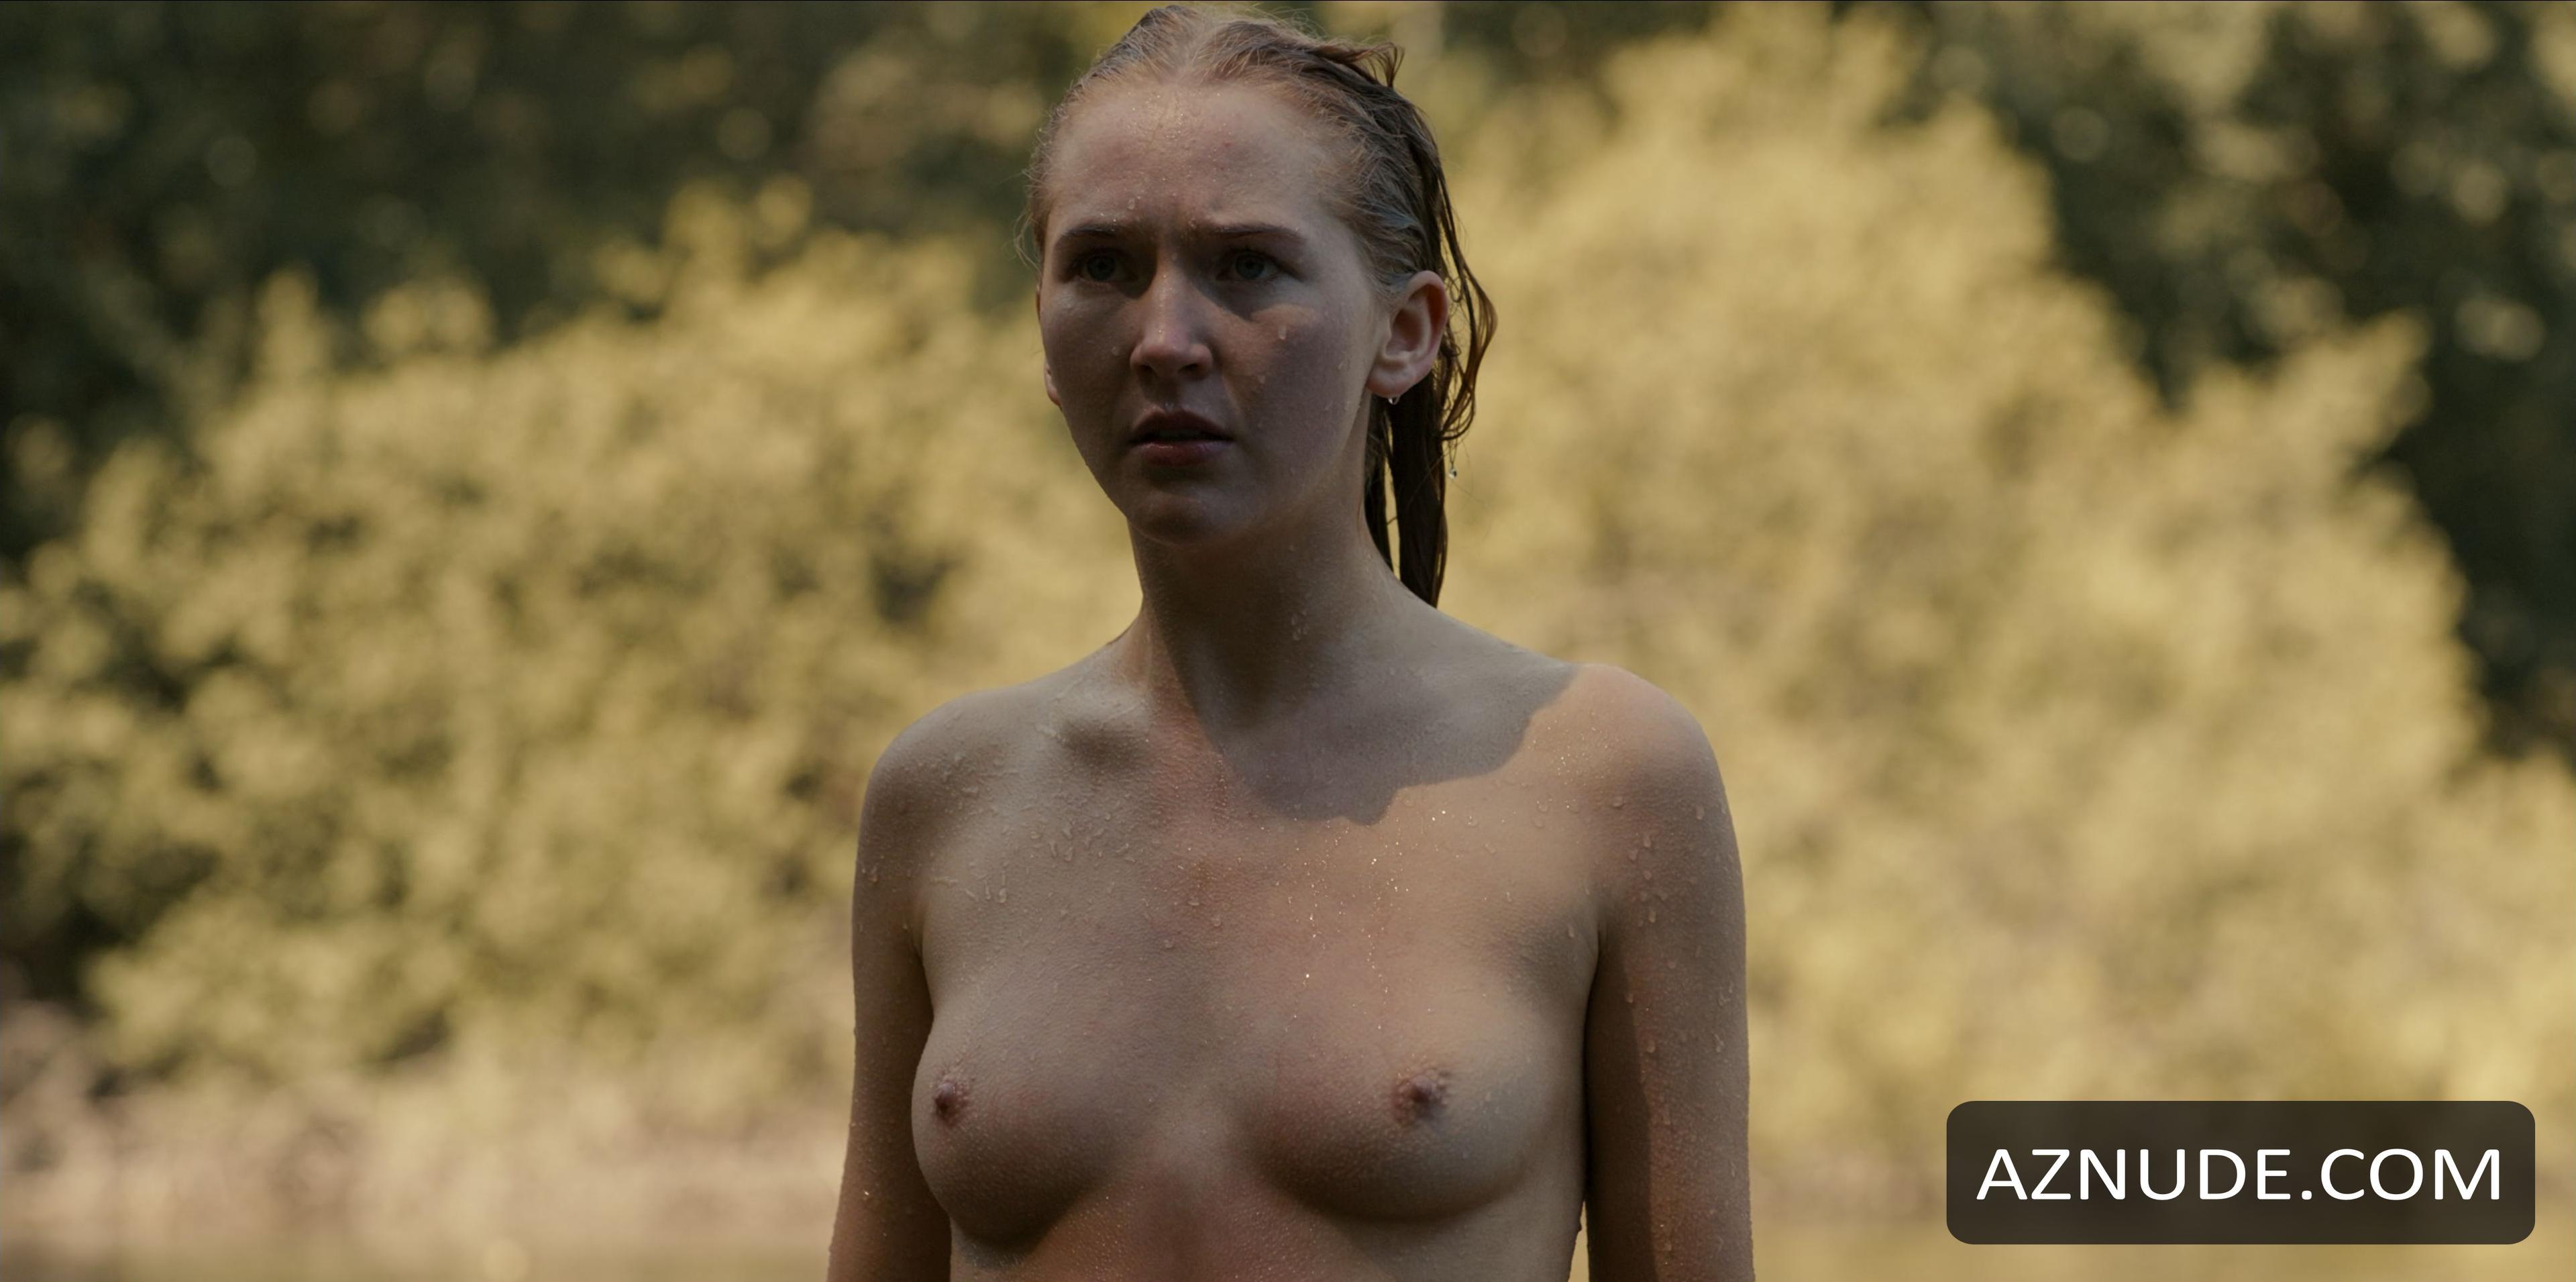 schone amateur nudes